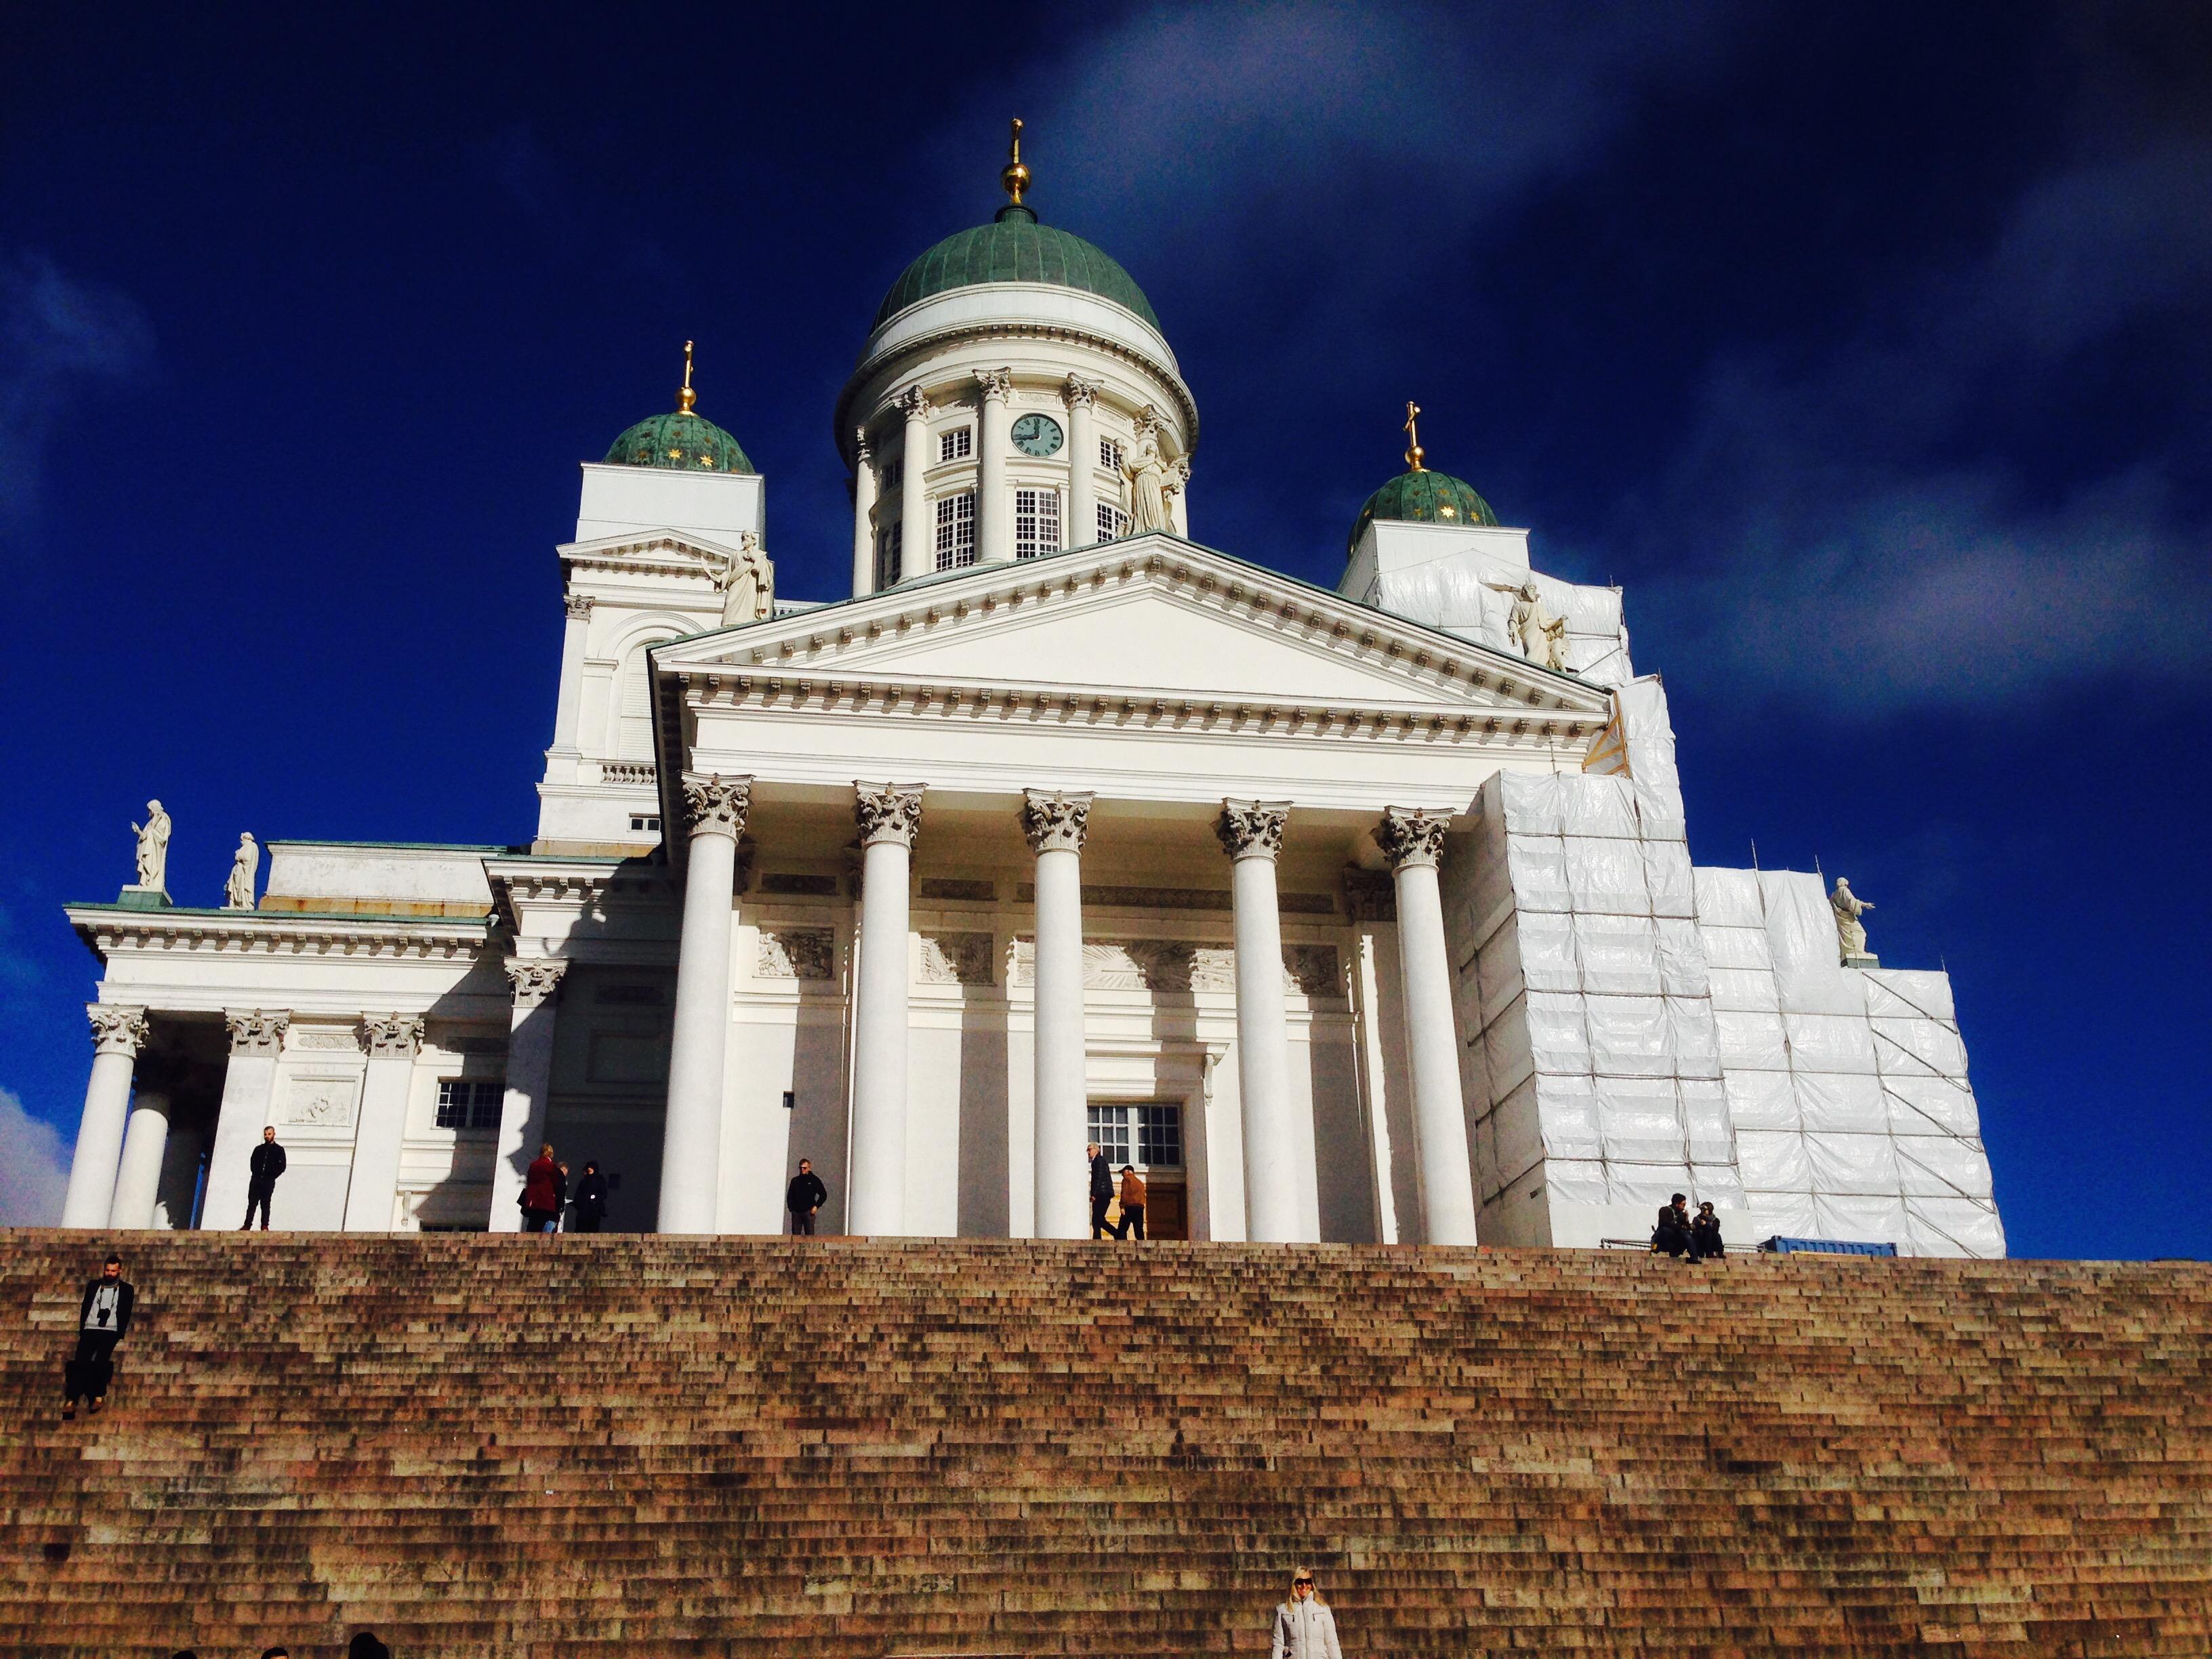 ヘルシンキ・大聖堂